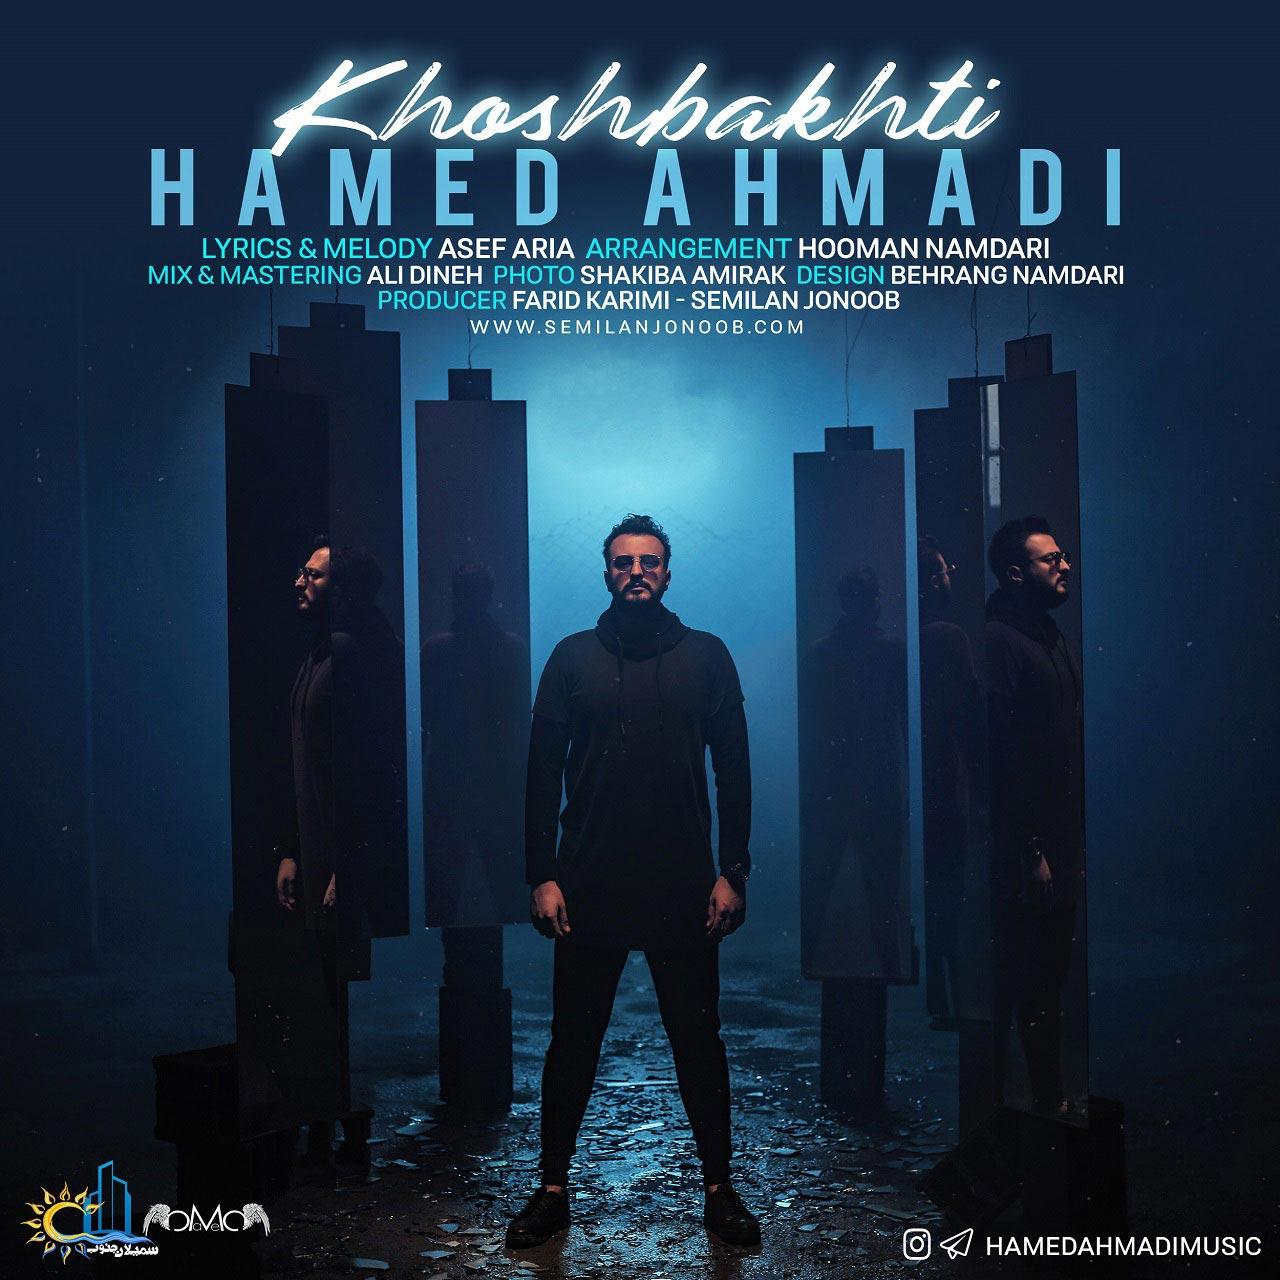 حامد احمدی به نام خوشبختی